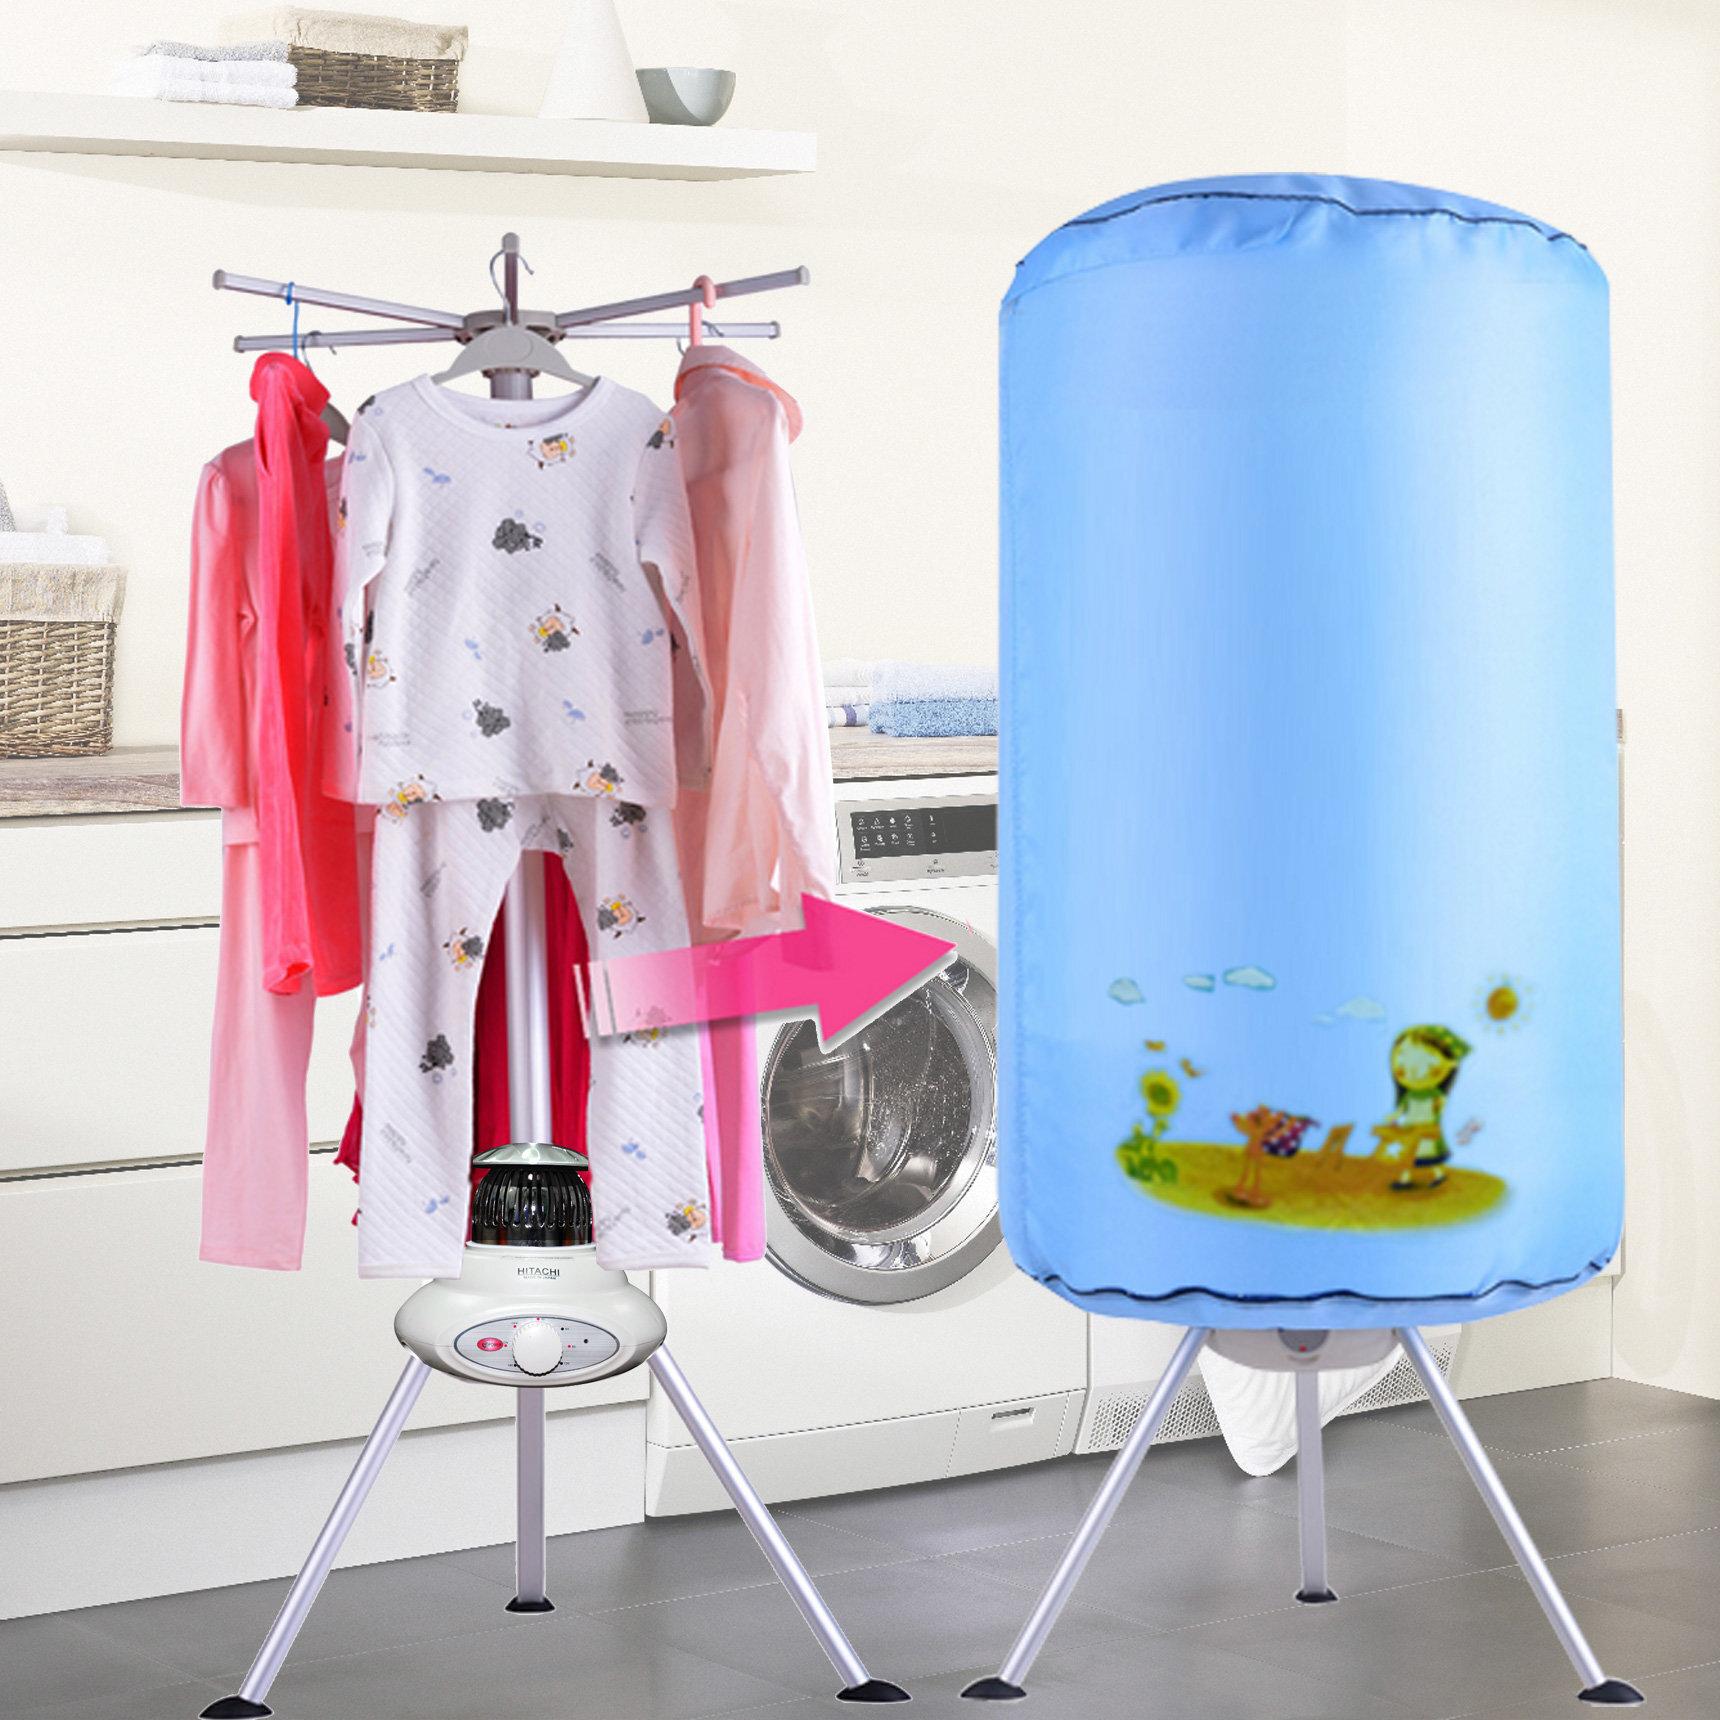 Tủ sấy quần áo có tốt không?